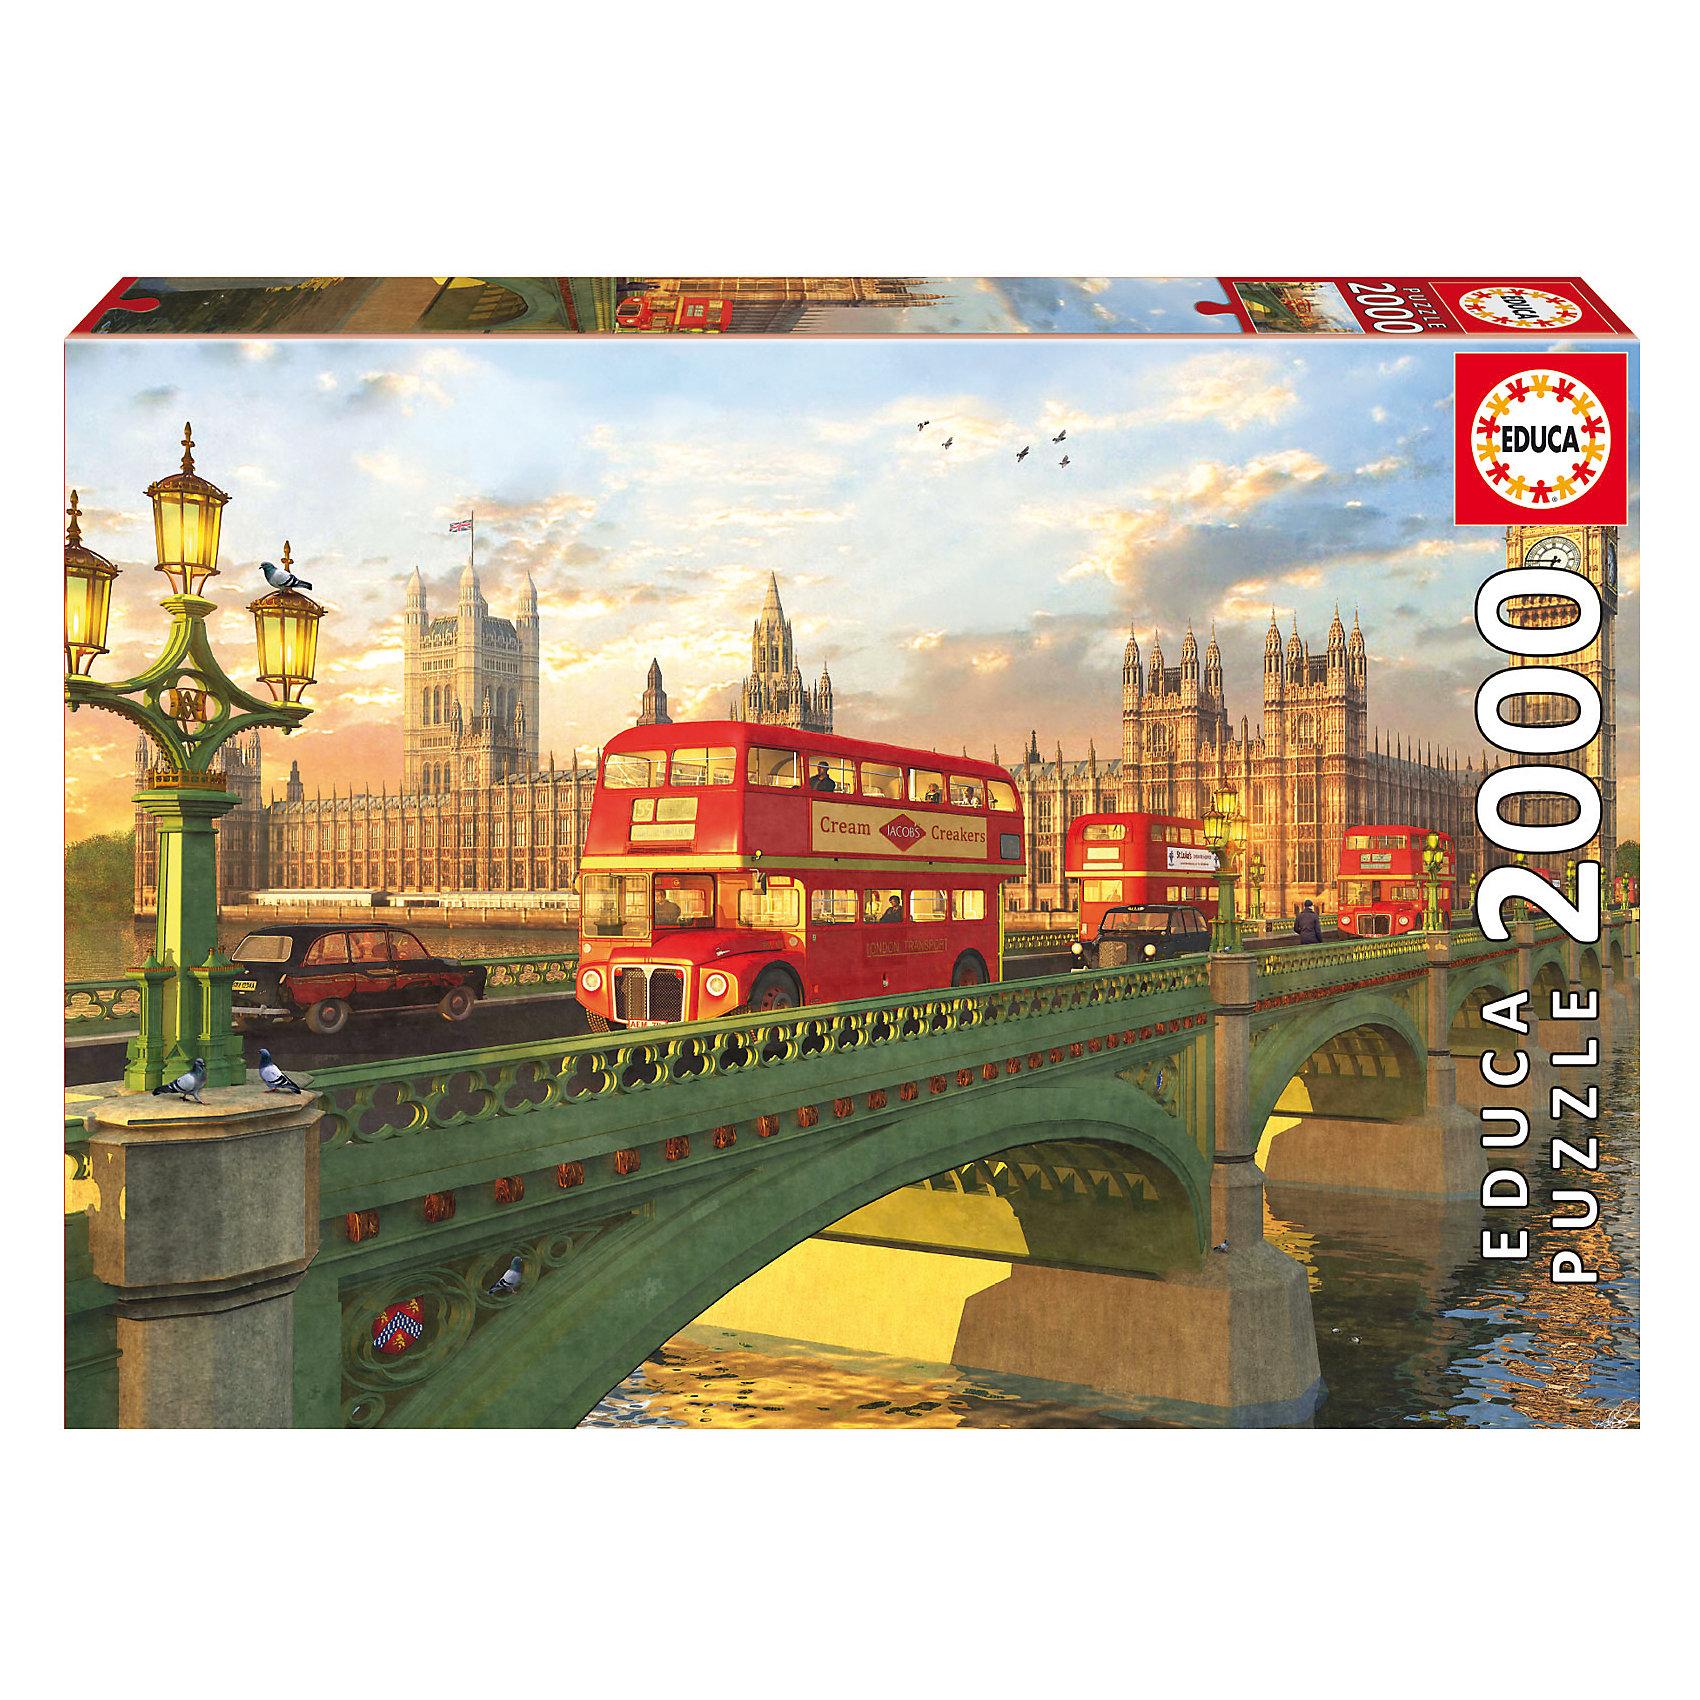 Пазл Вестминстерский мост, Лондон, 2000 деталей, EducaКлассические пазлы<br>Пазл Вестминстерский мост, Лондон, 2000 деталей, Educa (Эдука).<br><br>Характеристики:<br><br>• Размер упаковки: 430х300х55 мм.<br>• Вес: 1378г.<br>• Тип : пазл-мозаика.<br>• Возраст: с 11лет.<br>• 2000 деталей.<br>• Размер собранной картинки: 96 х 68 см.<br>• ISBN: 8412668167773<br>• Материал: картон.<br><br>Пазл Вестминстерский мост, Лондон, 2000 деталей, Educa(Эдука) это великолепный подарок, как для ребенка, так и для взрослого. Большой увлекательный пазл объединит всю семью за интересным занятием, отвлечет от повседневных дел, обучит терпению и внимательности. Пазлы Educa(Эдука)– это не только яркие, интересные изображения, но и высочайшее качество продукции. <br><br>Каждый пазл фирмы Educa(Эдука)изготовлен и упакован с большой тщательностью. Особенности пазлов Educa(Эдука)отсутствие двух одинаковых деталей; части пазла идеально соединяются; прочные детали не ломаются; изготовлены из экологического сырья.<br><br>Пазл Вестминстерский мост, Лондон, 2000 деталей, Educa(Эдука), можно купить в нашем интернет – магазине.<br><br>Ширина мм: 430<br>Глубина мм: 300<br>Высота мм: 55<br>Вес г: 1378<br>Возраст от месяцев: 36<br>Возраст до месяцев: 2147483647<br>Пол: Унисекс<br>Возраст: Детский<br>SKU: 5436310